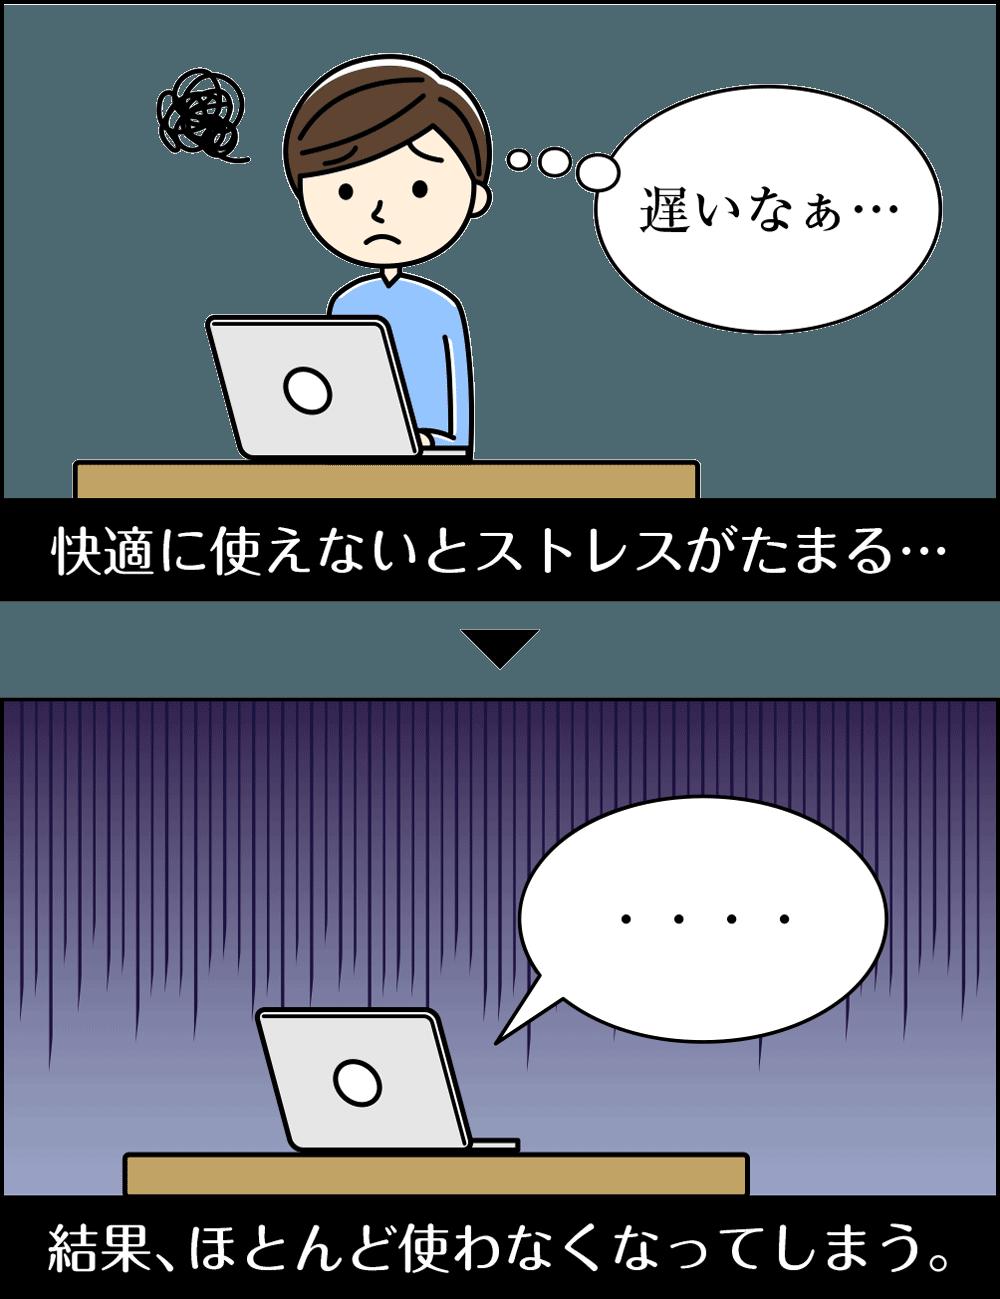 容量 大学生 パソコン